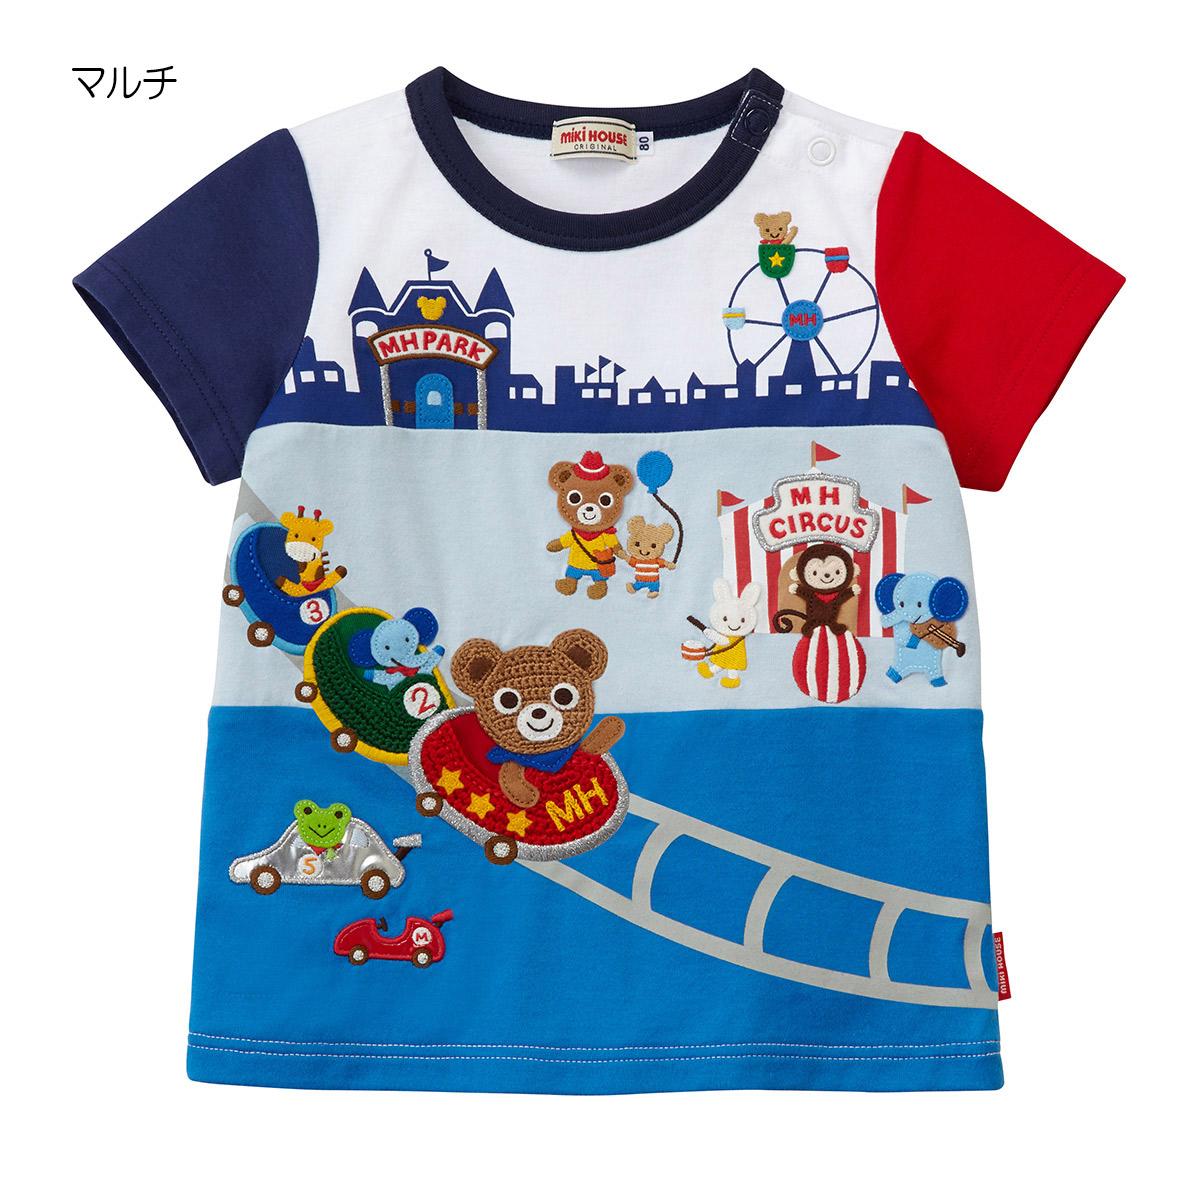 【ミキハウス】プッチー テーマパーク半袖Tシャツ(110.120.130cm)